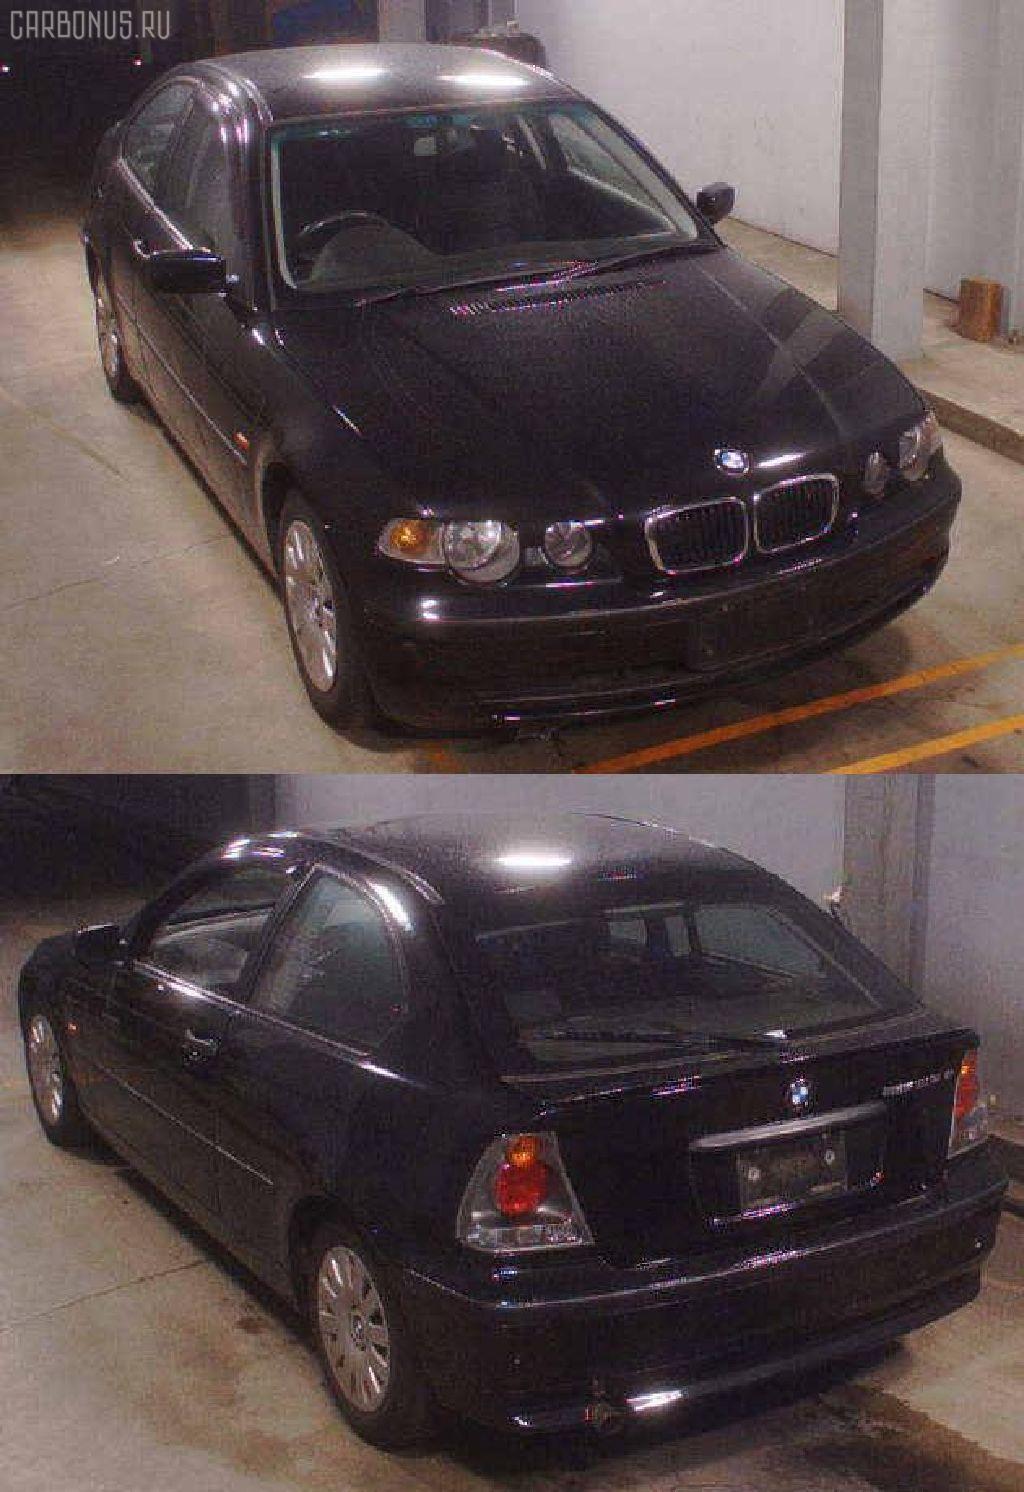 Рычаг BMW 3-SERIES E46-AT52 Фото 2